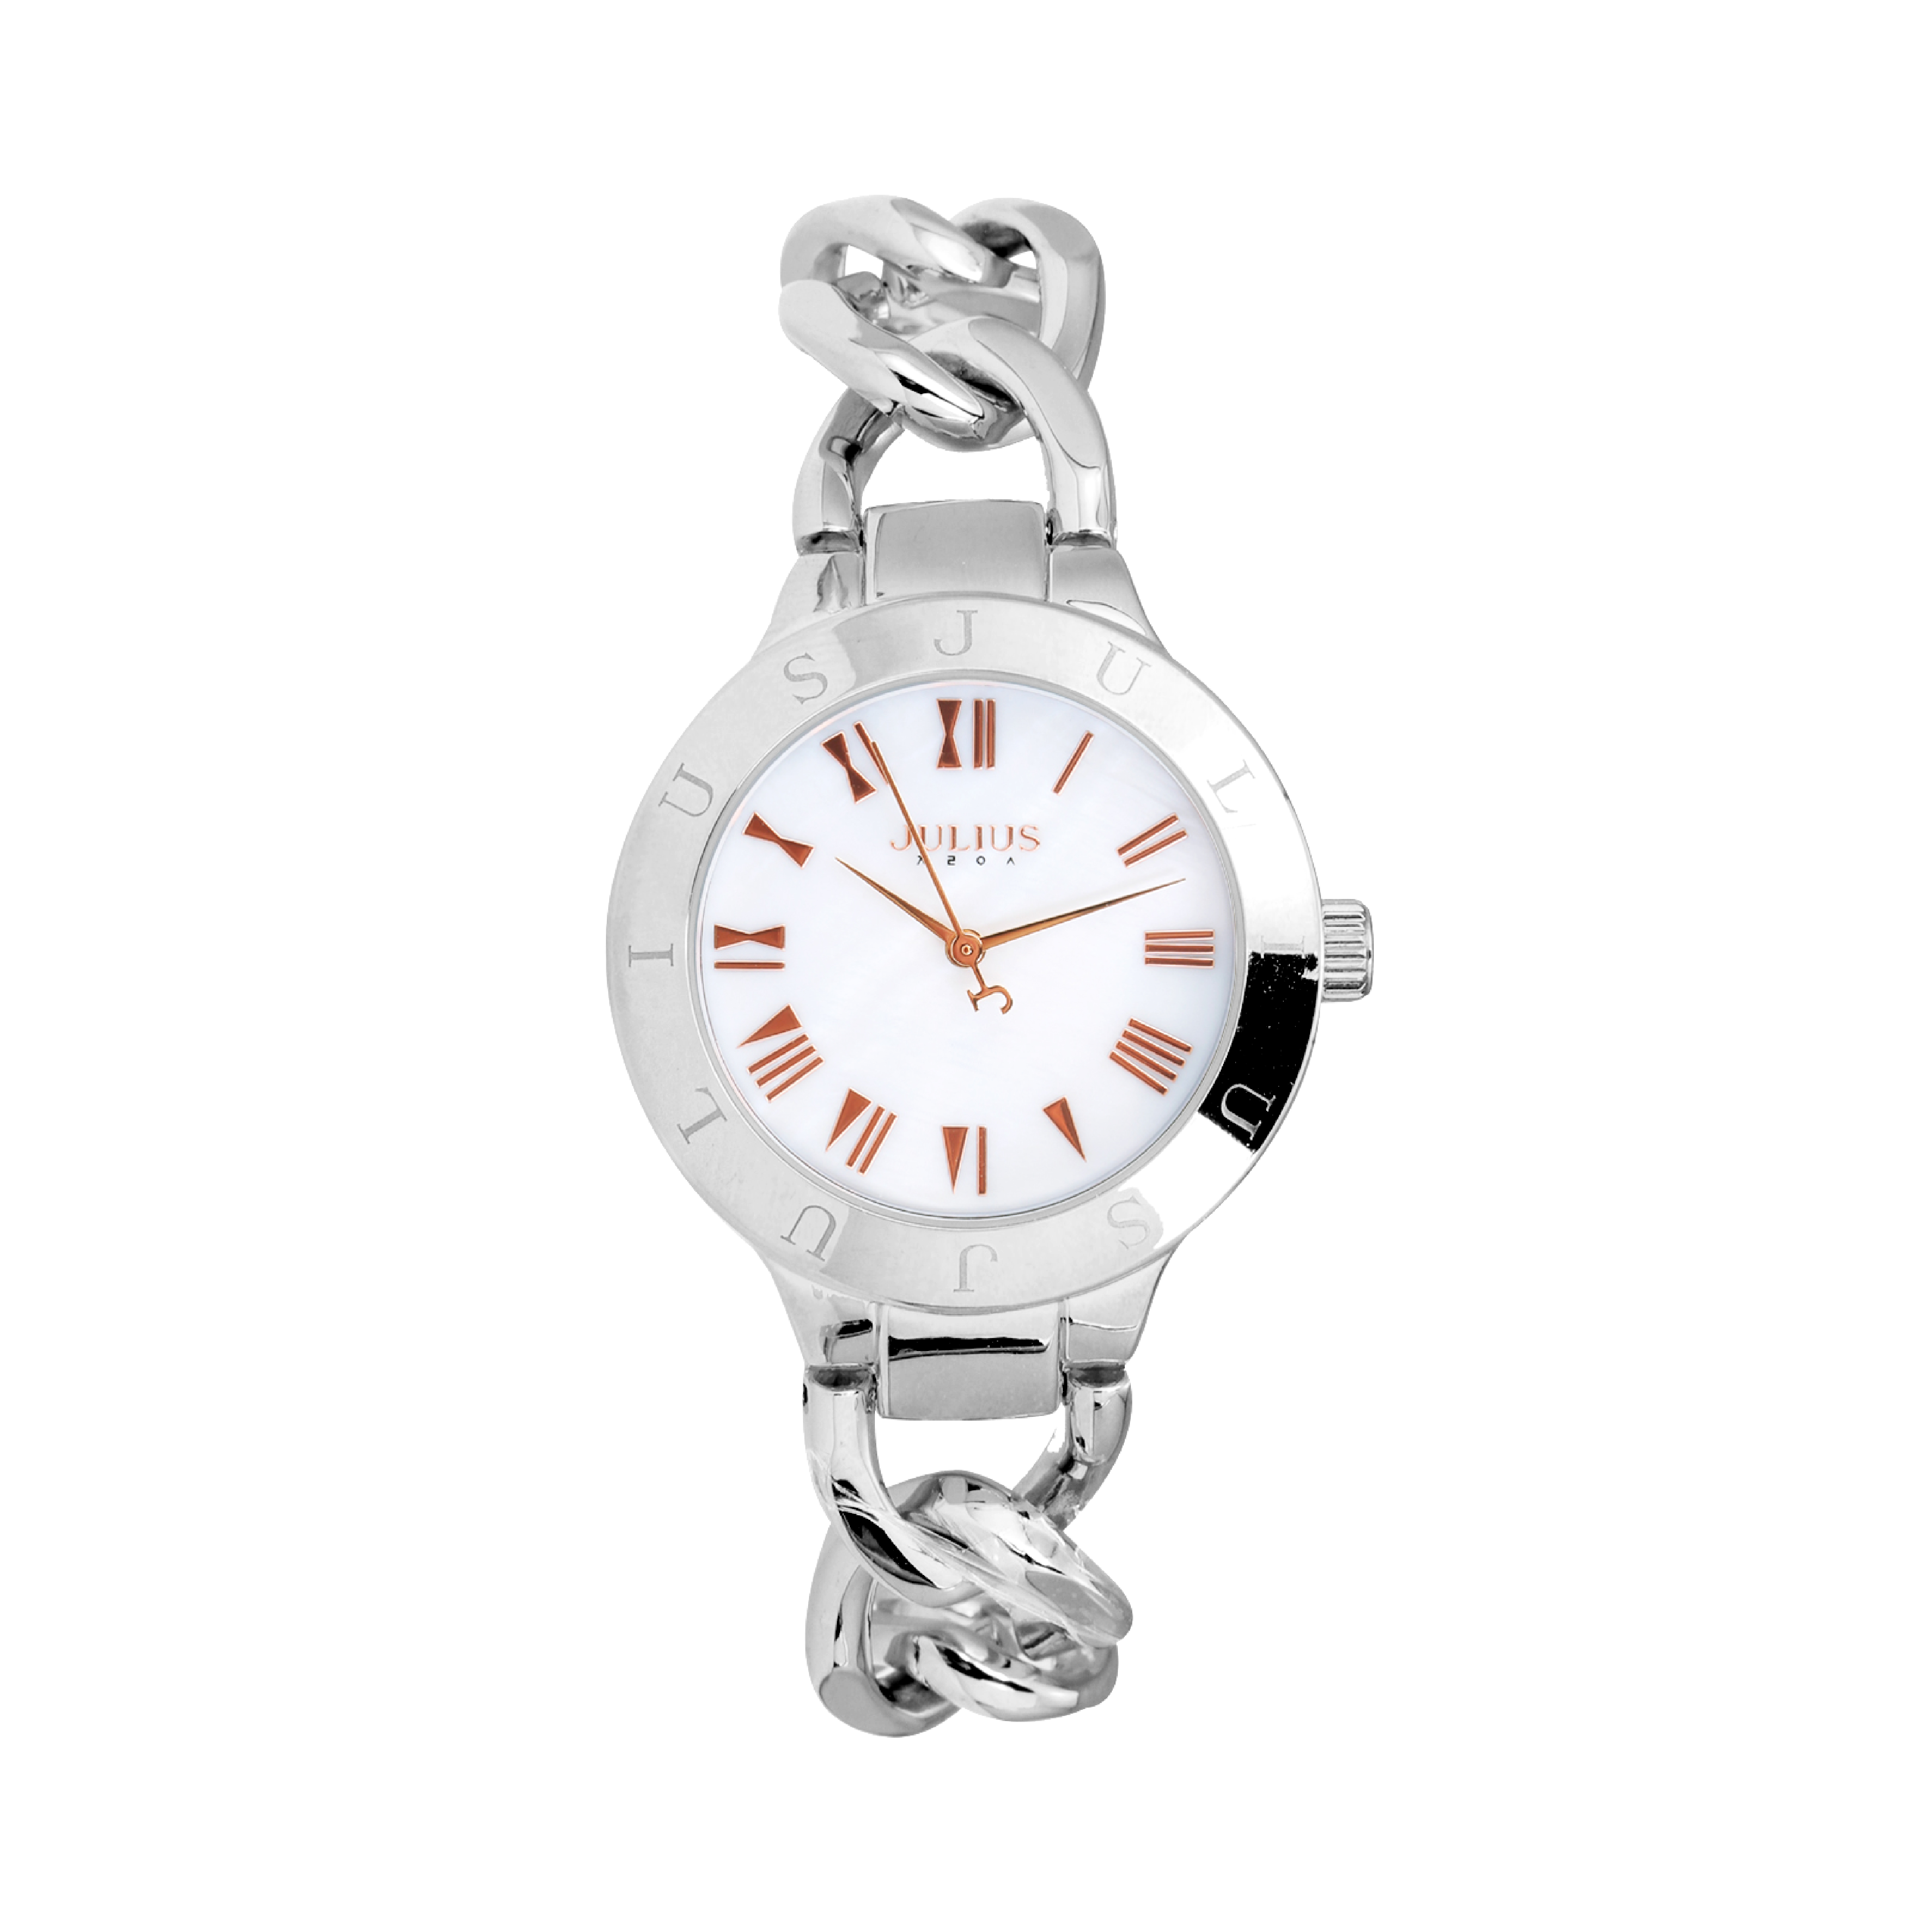 นาฬิกาข้อมือผู้หญิง JULIUS JA-1006 A